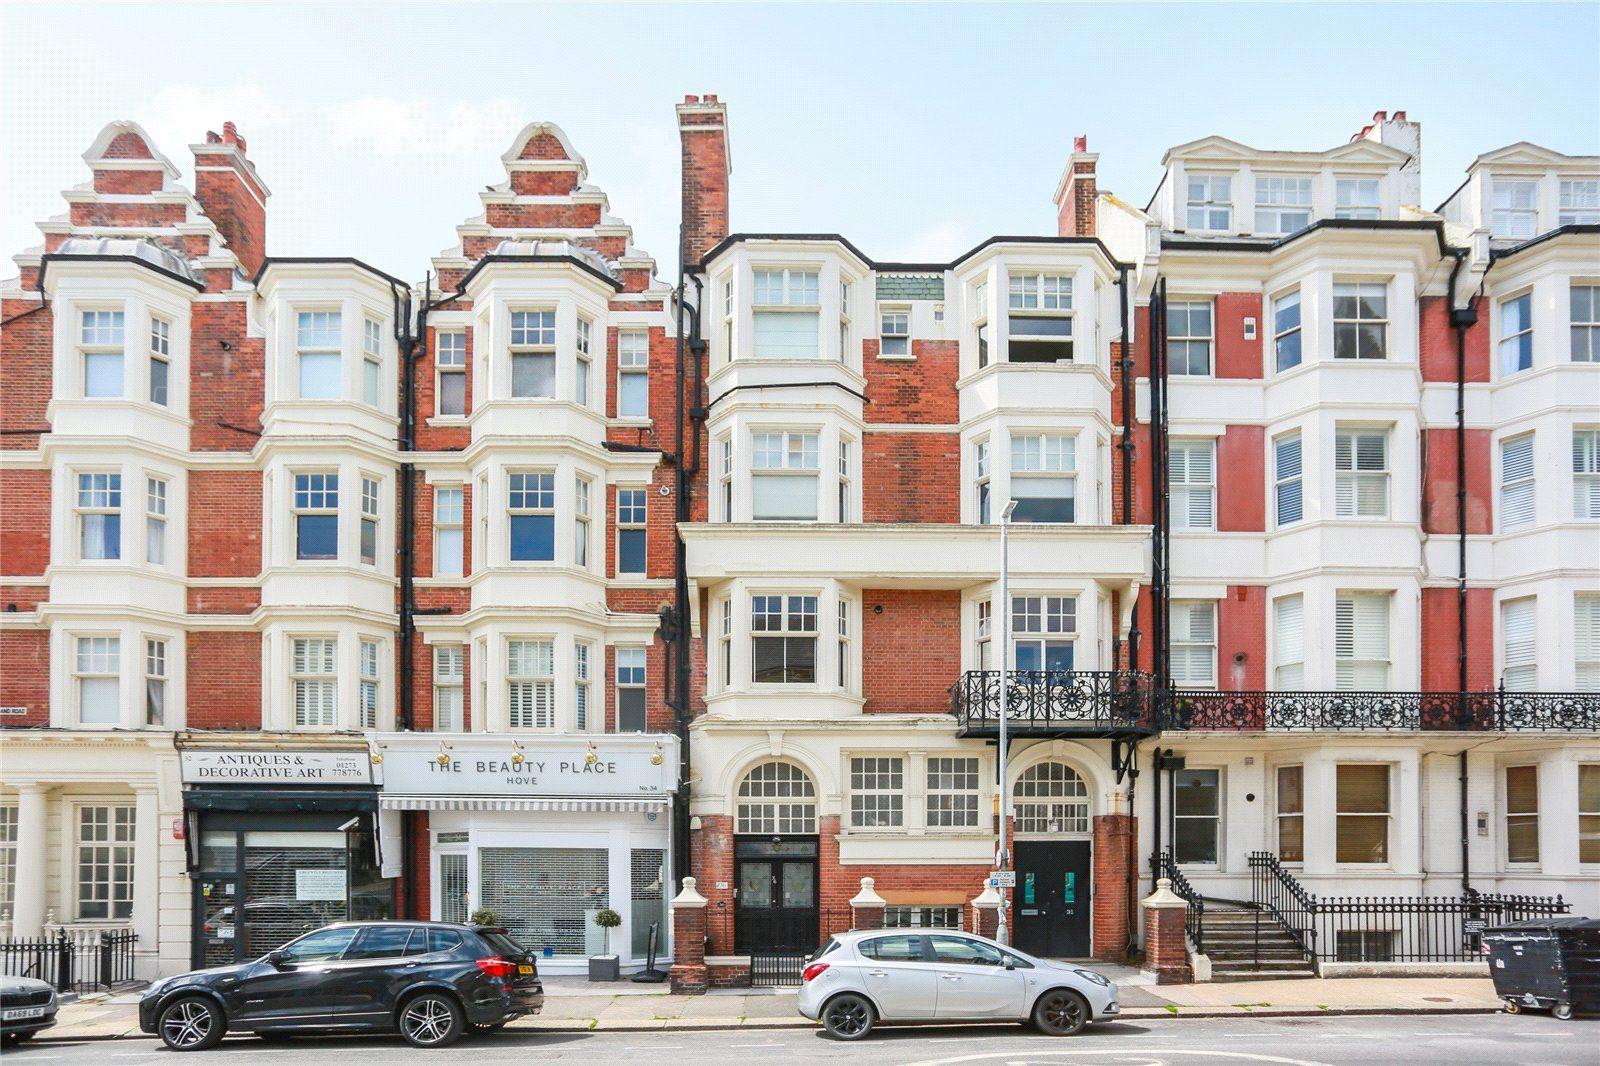 Property photo 1 of 21. Gwydyr Mansions